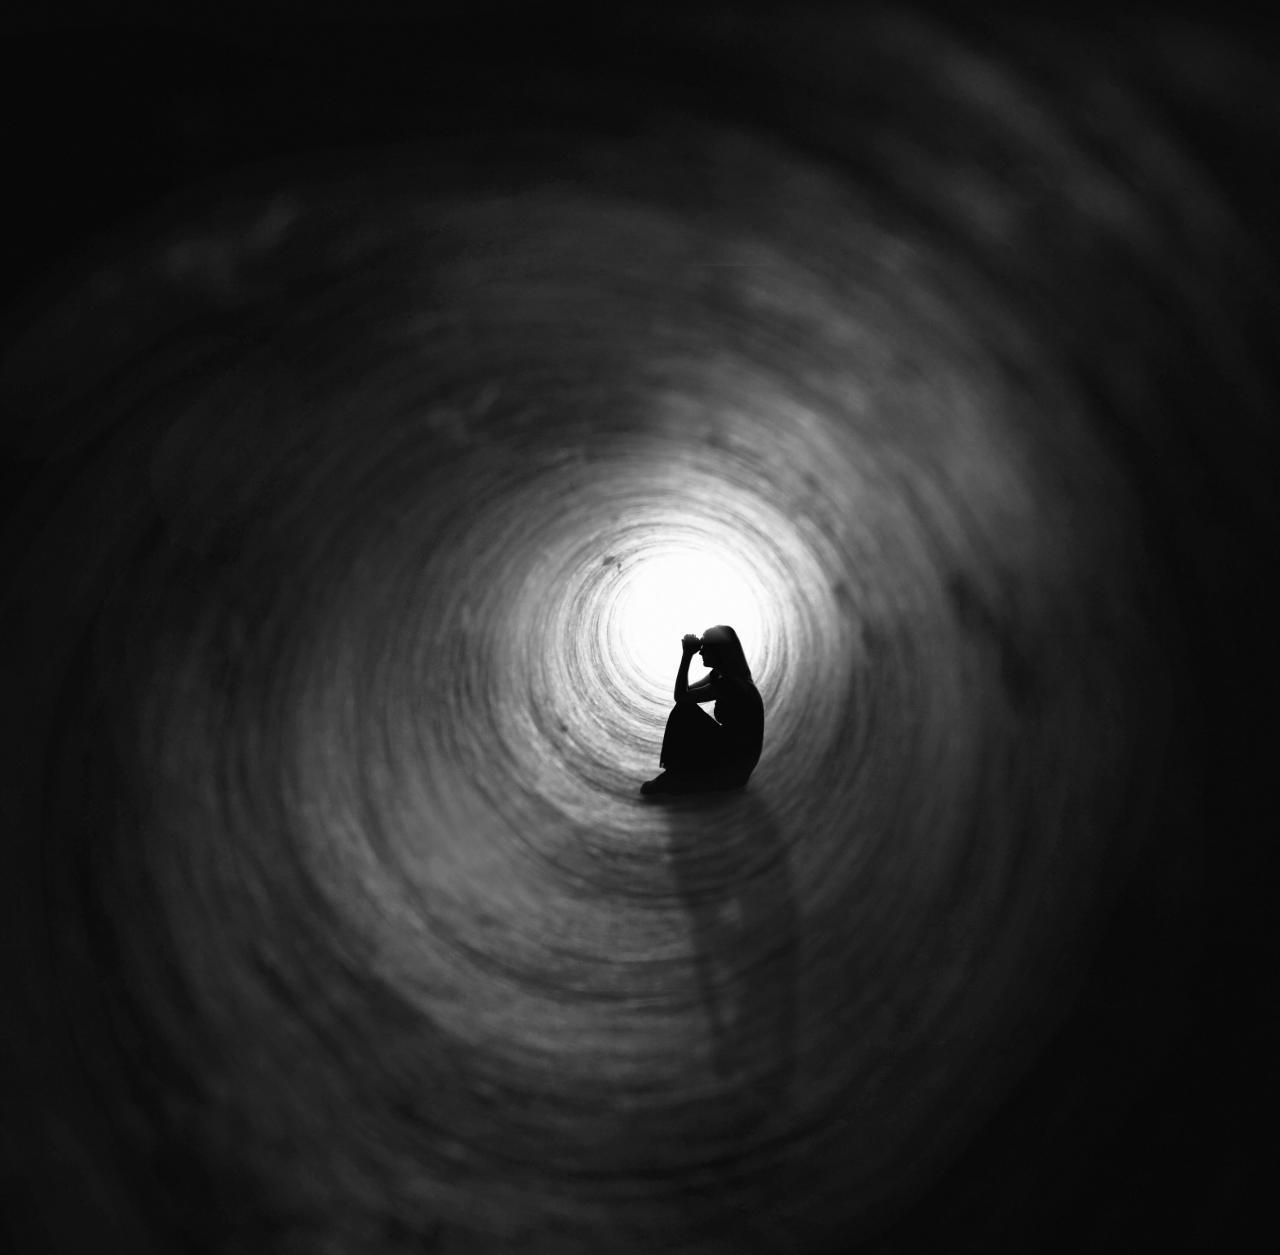 صورة اعراض الاكتئاب المزمن , الاكتئاب النفسي واعراضه وطرق التعامل معه